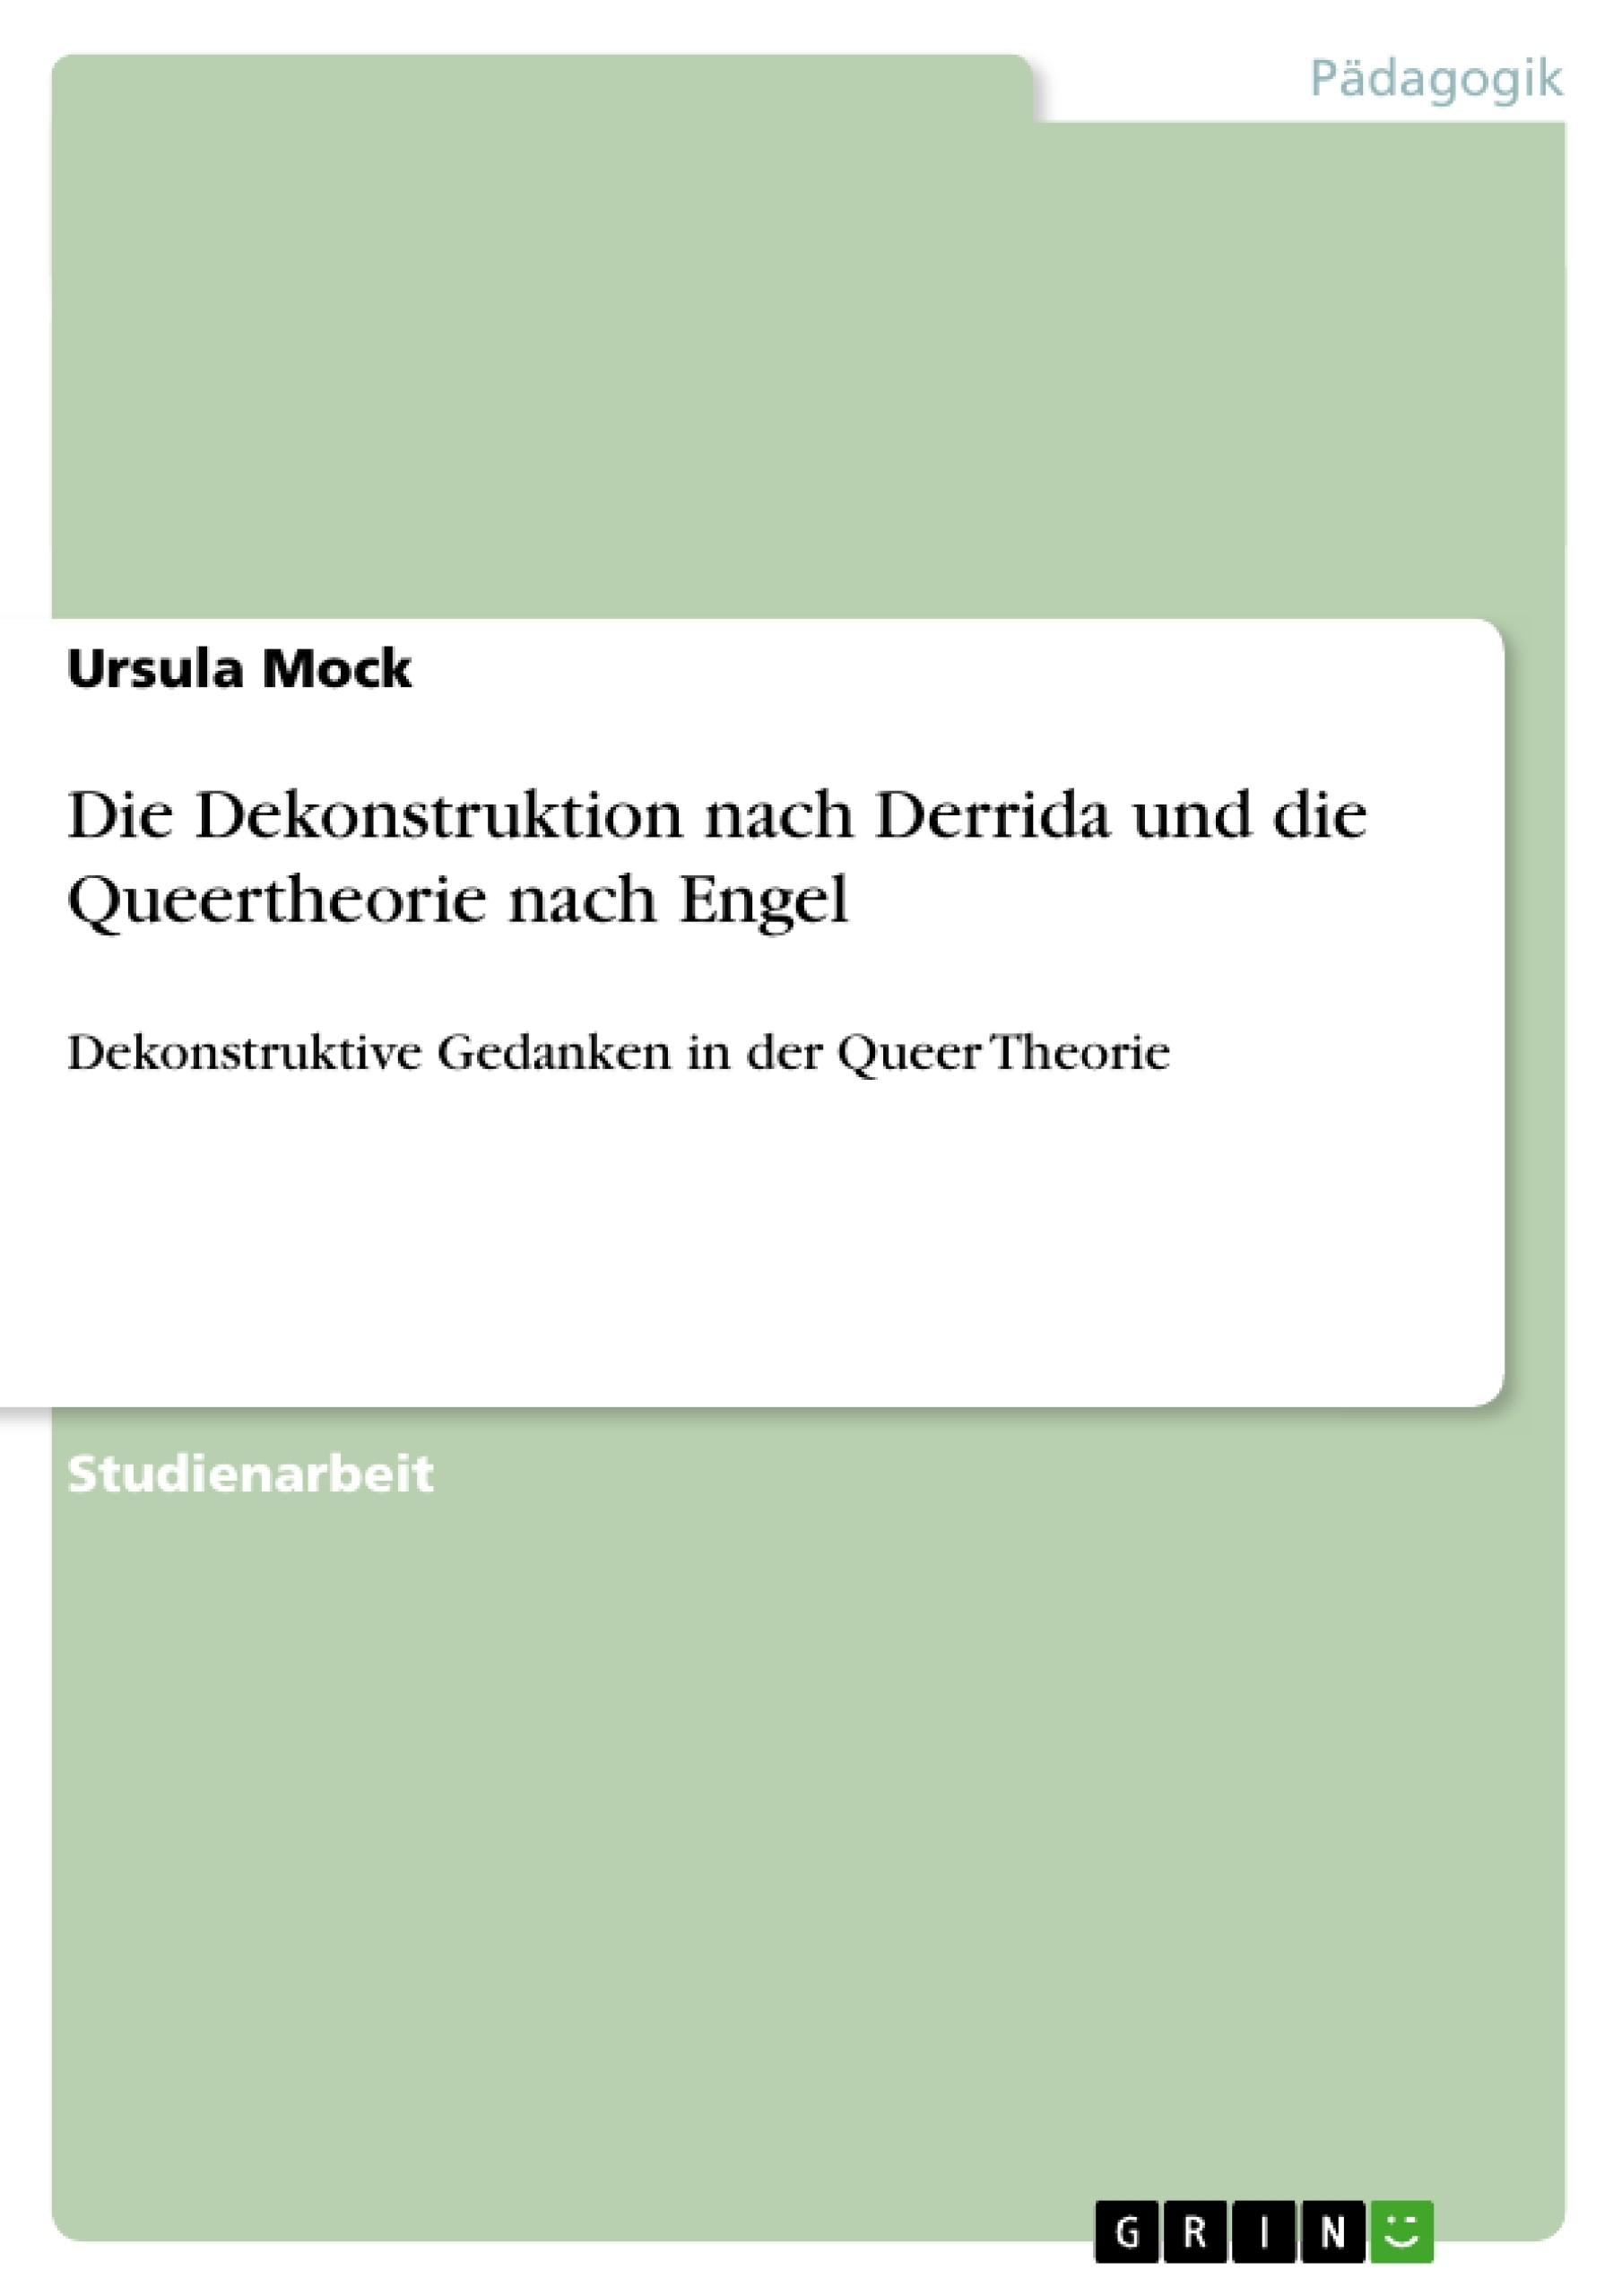 Titel: Die Dekonstruktion nach Derrida und die Queertheorie nach Engel